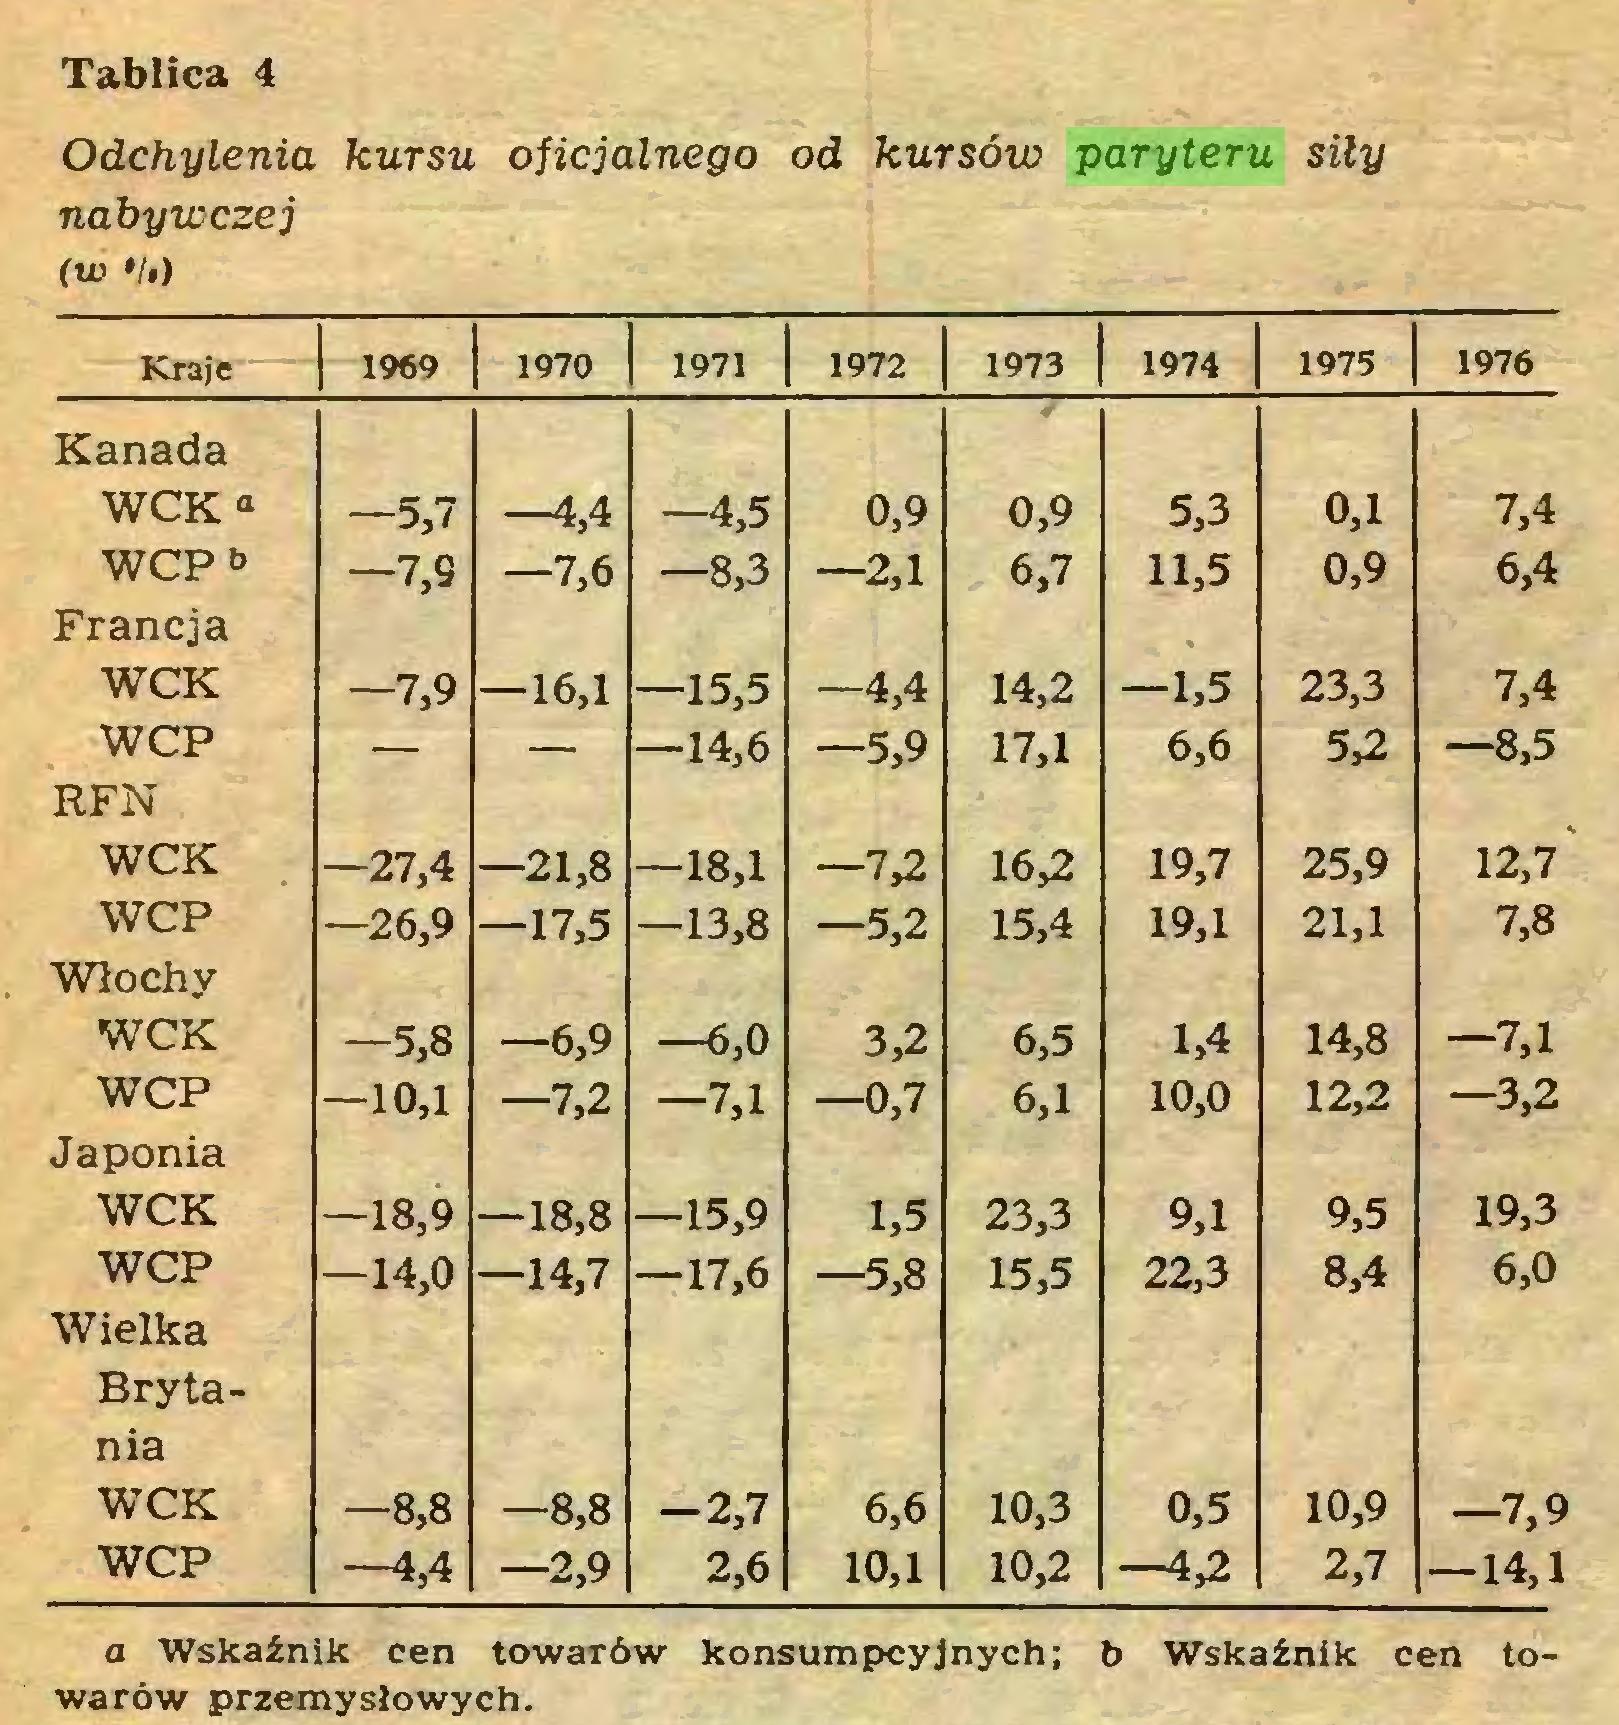 (...) Tablica 4 Odchylenia kursu oficjalnego od kursów paryteru siły nabywczej (w •!,) 1970 1971 1972 1973 1974 1975 1976 Kraje Kanada WCK a -5,7 —4,4 -4,5 0,9 0,9 5,3 0,1 7,4 WCP& -7,9 —7,6 —8,3 —2,1 6,7 11,5 0,9 6,4 Francja WCK —7,9 —16,1 —15,5 -4,4 14,2 —1,5 23,3 7,4 WCP — — —14,6 —5,9 17,1 6,6 5,2 —8,5 RFN WCK —27,4 —21,8 —18,1 —7,2 16,2 19,7 25,9 12,7 WCP —26,9 —17,5 —13,8 —5,2 15,4 19,1 21,1 7,8 Włochy WCK -5,8 —6,9 —6,0 3,2 6,5 1,4 14,8 —7,1 WCP —10,1 —7,2 —7,1 —0,7 6,1 10,0 12,2 -3,2 Japonia WCK —18,9 —18,8 —15,9 1,5 23,3 9,1 9,5 19,3 WCP —14,0 -14,7 —17,6 —5,8 15,5 22,3 8,4 6,0 Wielka Brytania WCK —8,8 —8,8 -2,7 6,6 10,3 0,5 10,9 -7,9 WCP —4,4 —2,9 2,6 10,1 10,2 —4,2 2,7 -14,1 a Wskaźnik cen towarów konsumpcyjnych; b Wskaźnik cen towarów przemysłowych...